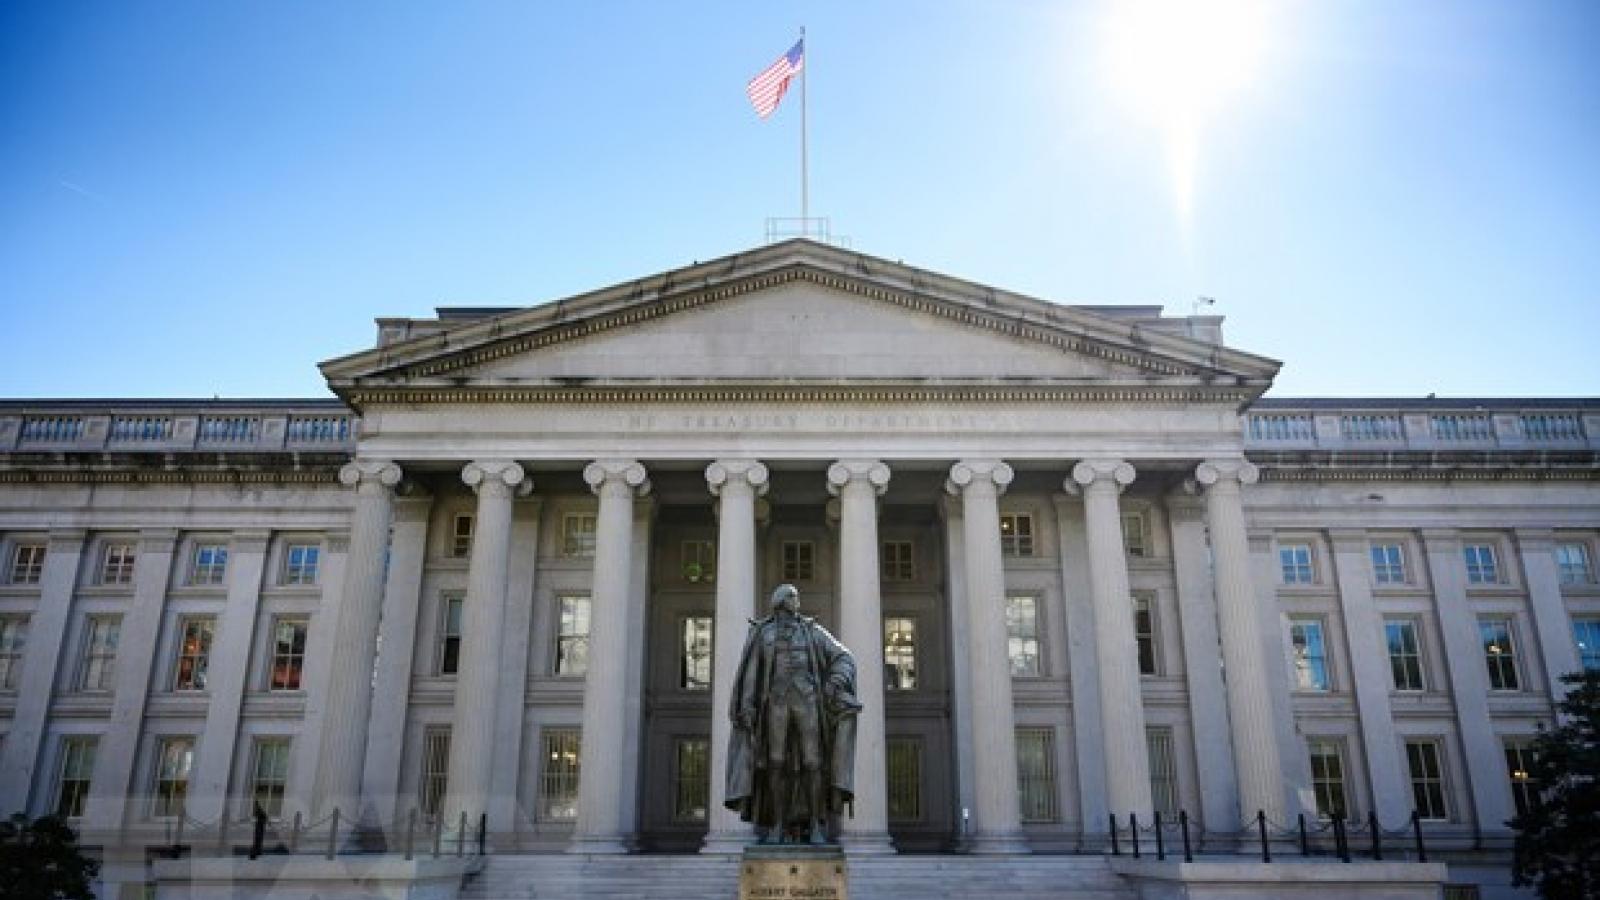 Mỹ mở rộng danh sách các công ty Trung Quốc bị cấm nhận đầu tư